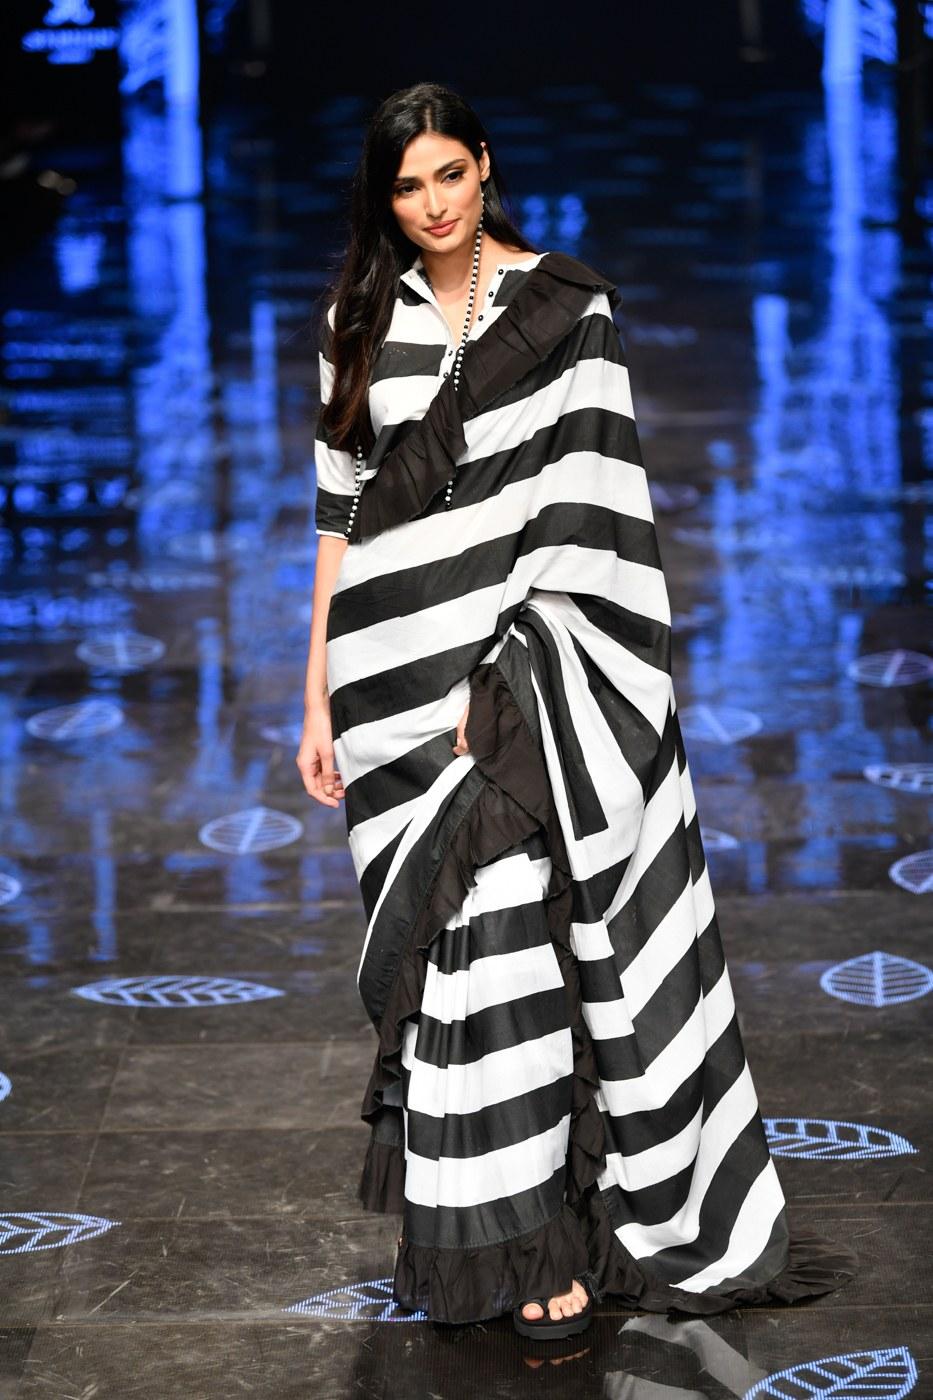 एक्टिंग के मामले में भले ही अथिया ज्यादा फेमस ना हो लेकिन फैशन सेंस में काफी आगे है।